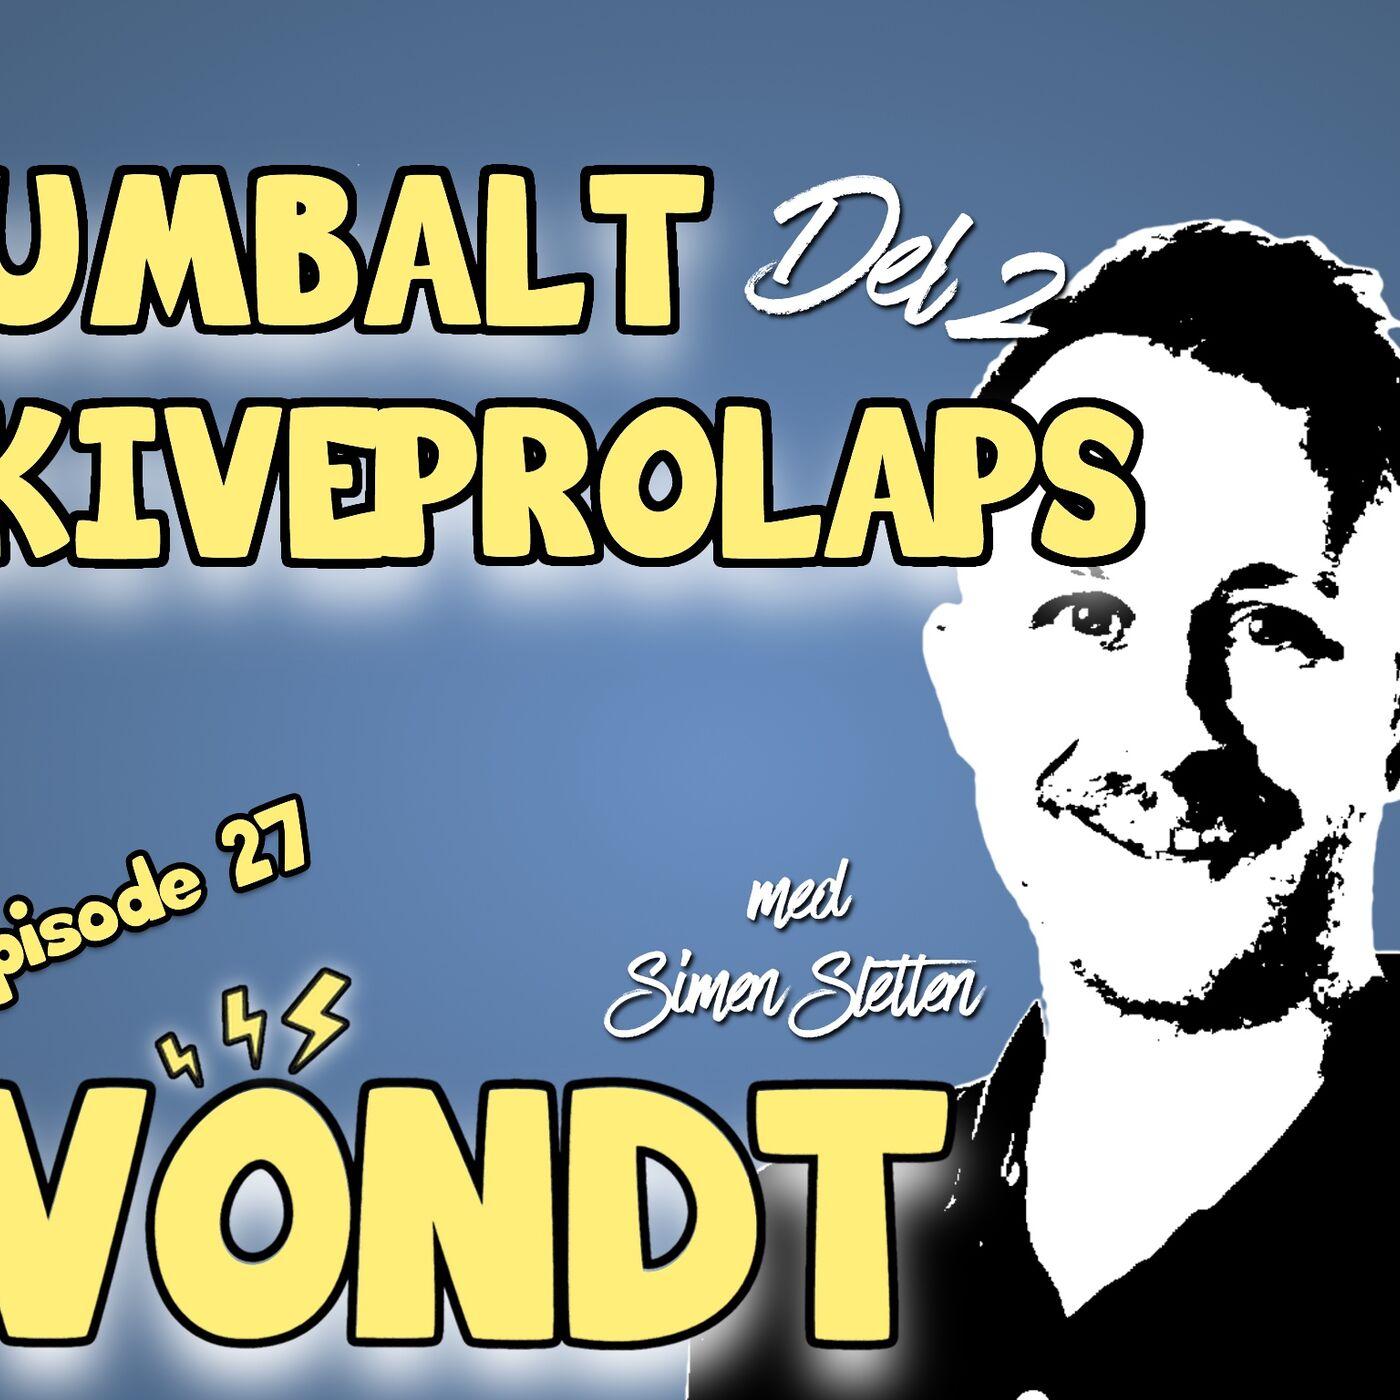 EP 27: Lumbalt skiveprolaps m/ Simen Sletten (del 2)